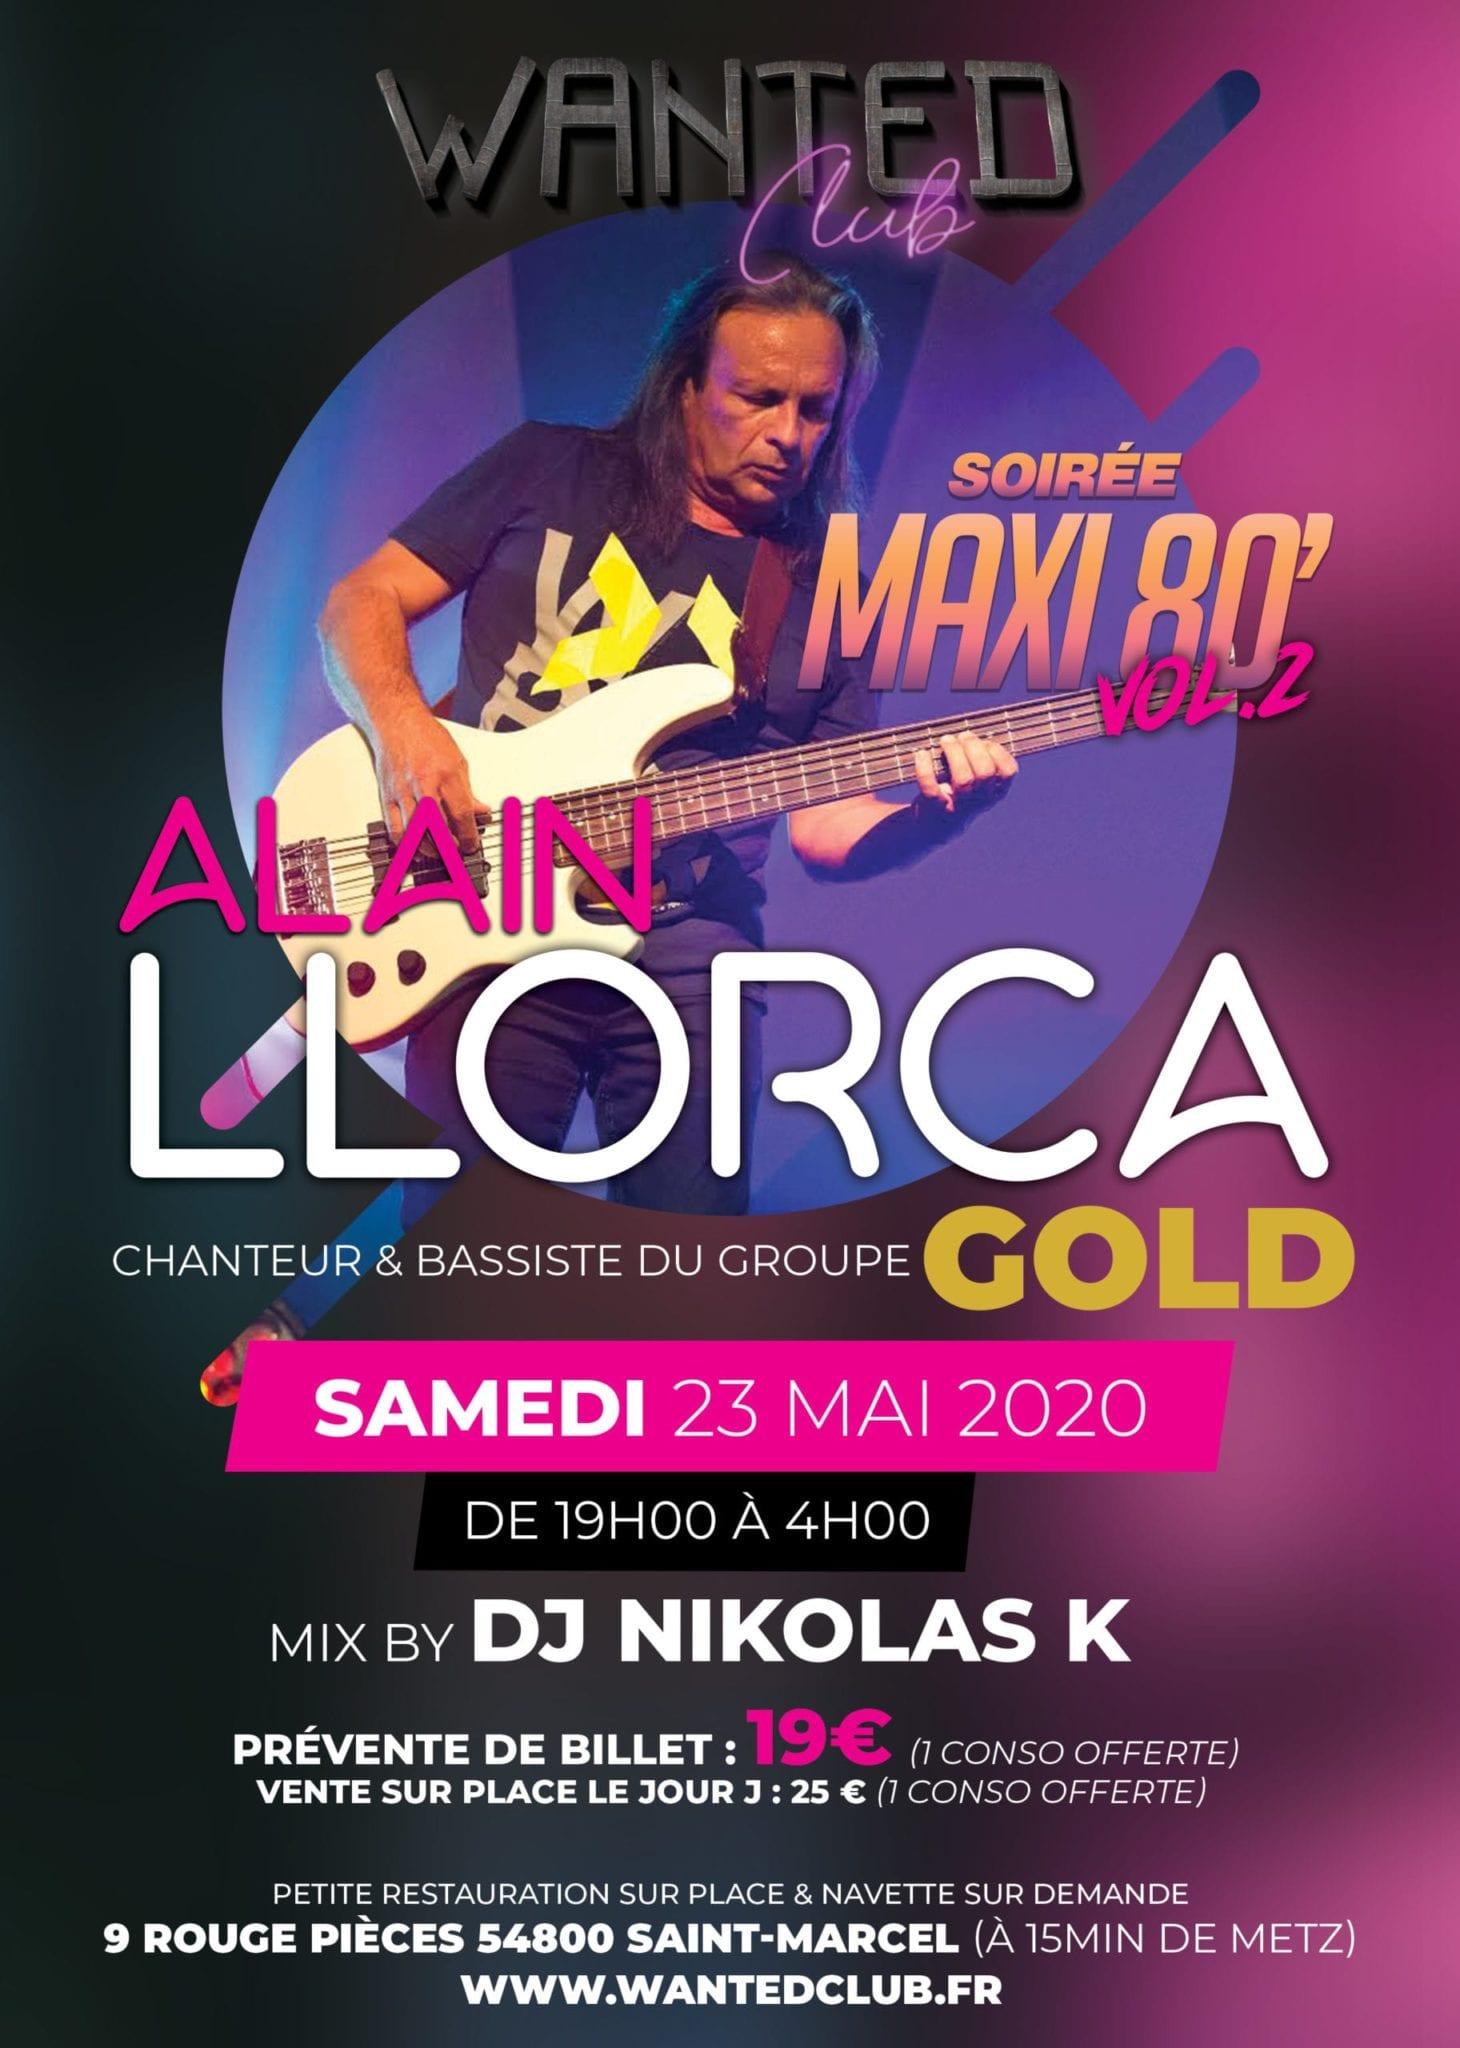 Soirée Maxi 80' vol.2 avec Alain LLORCA du groupe Gold